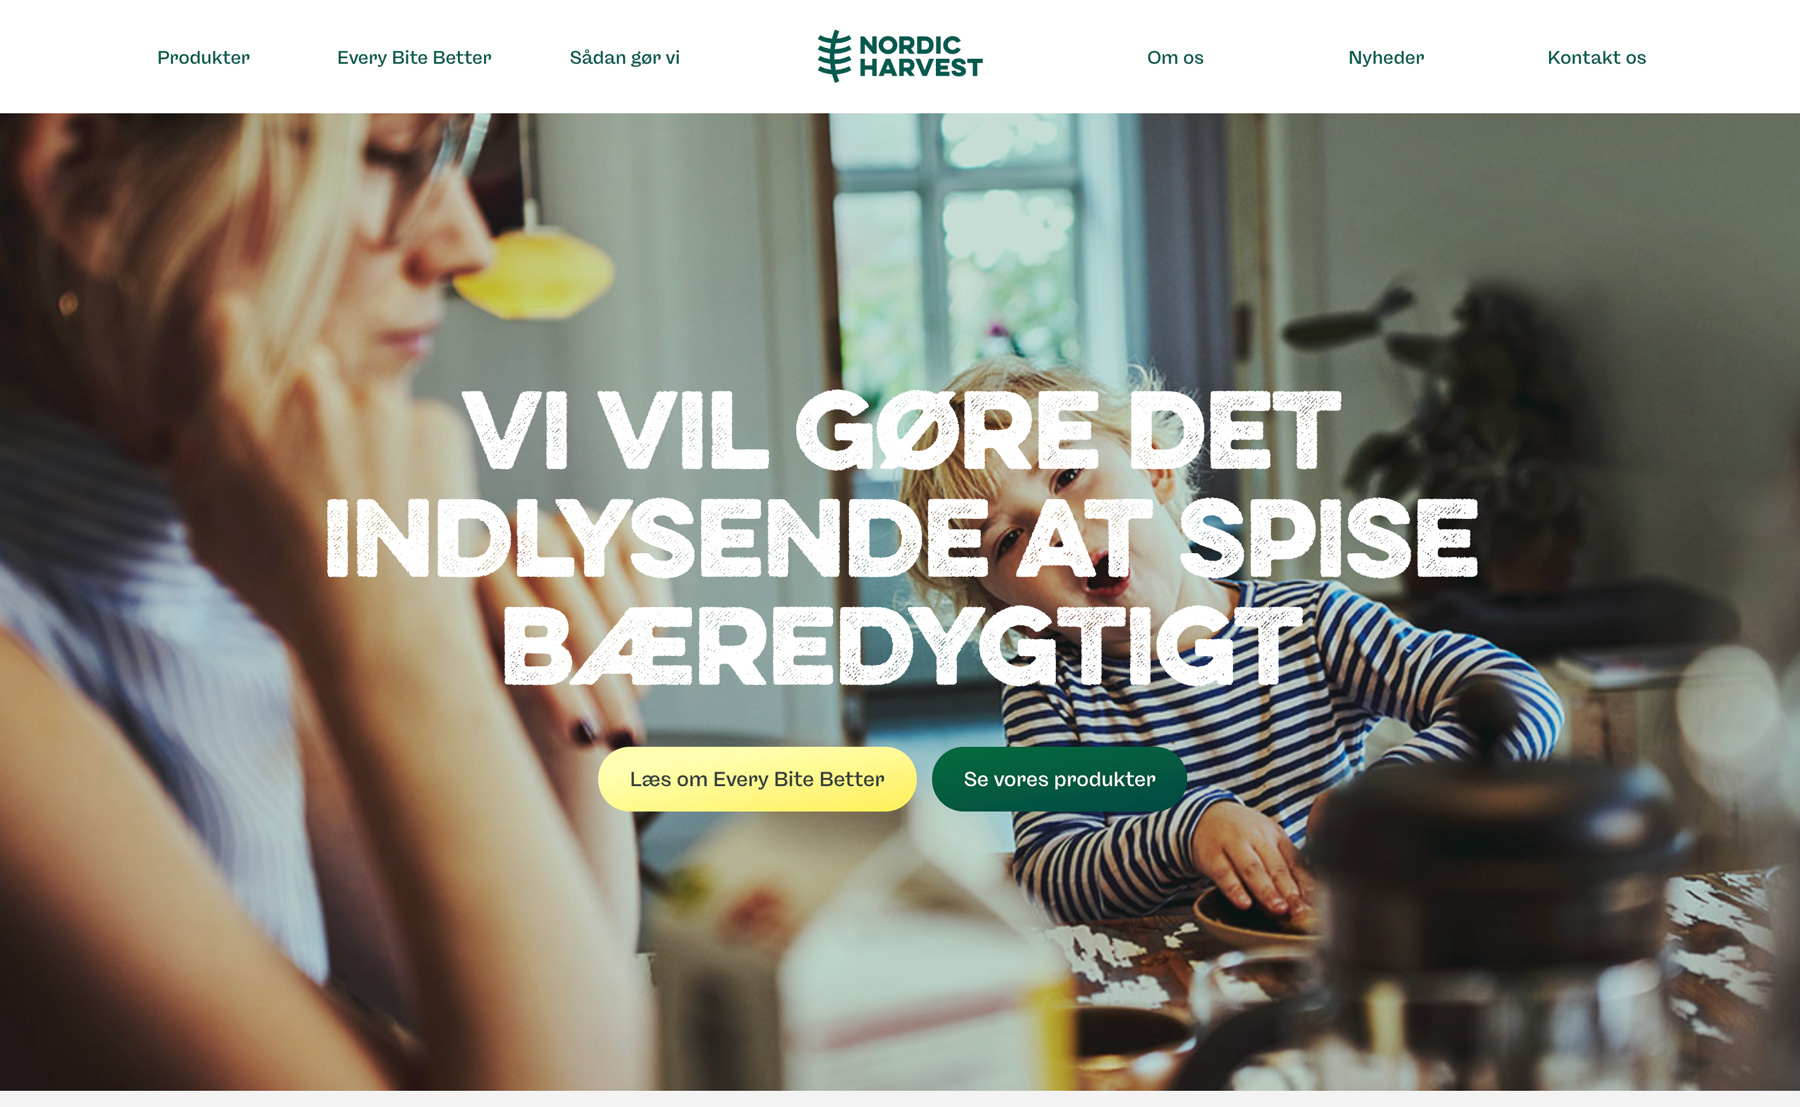 The Nordic Harvest website in a Scandinavian, light design